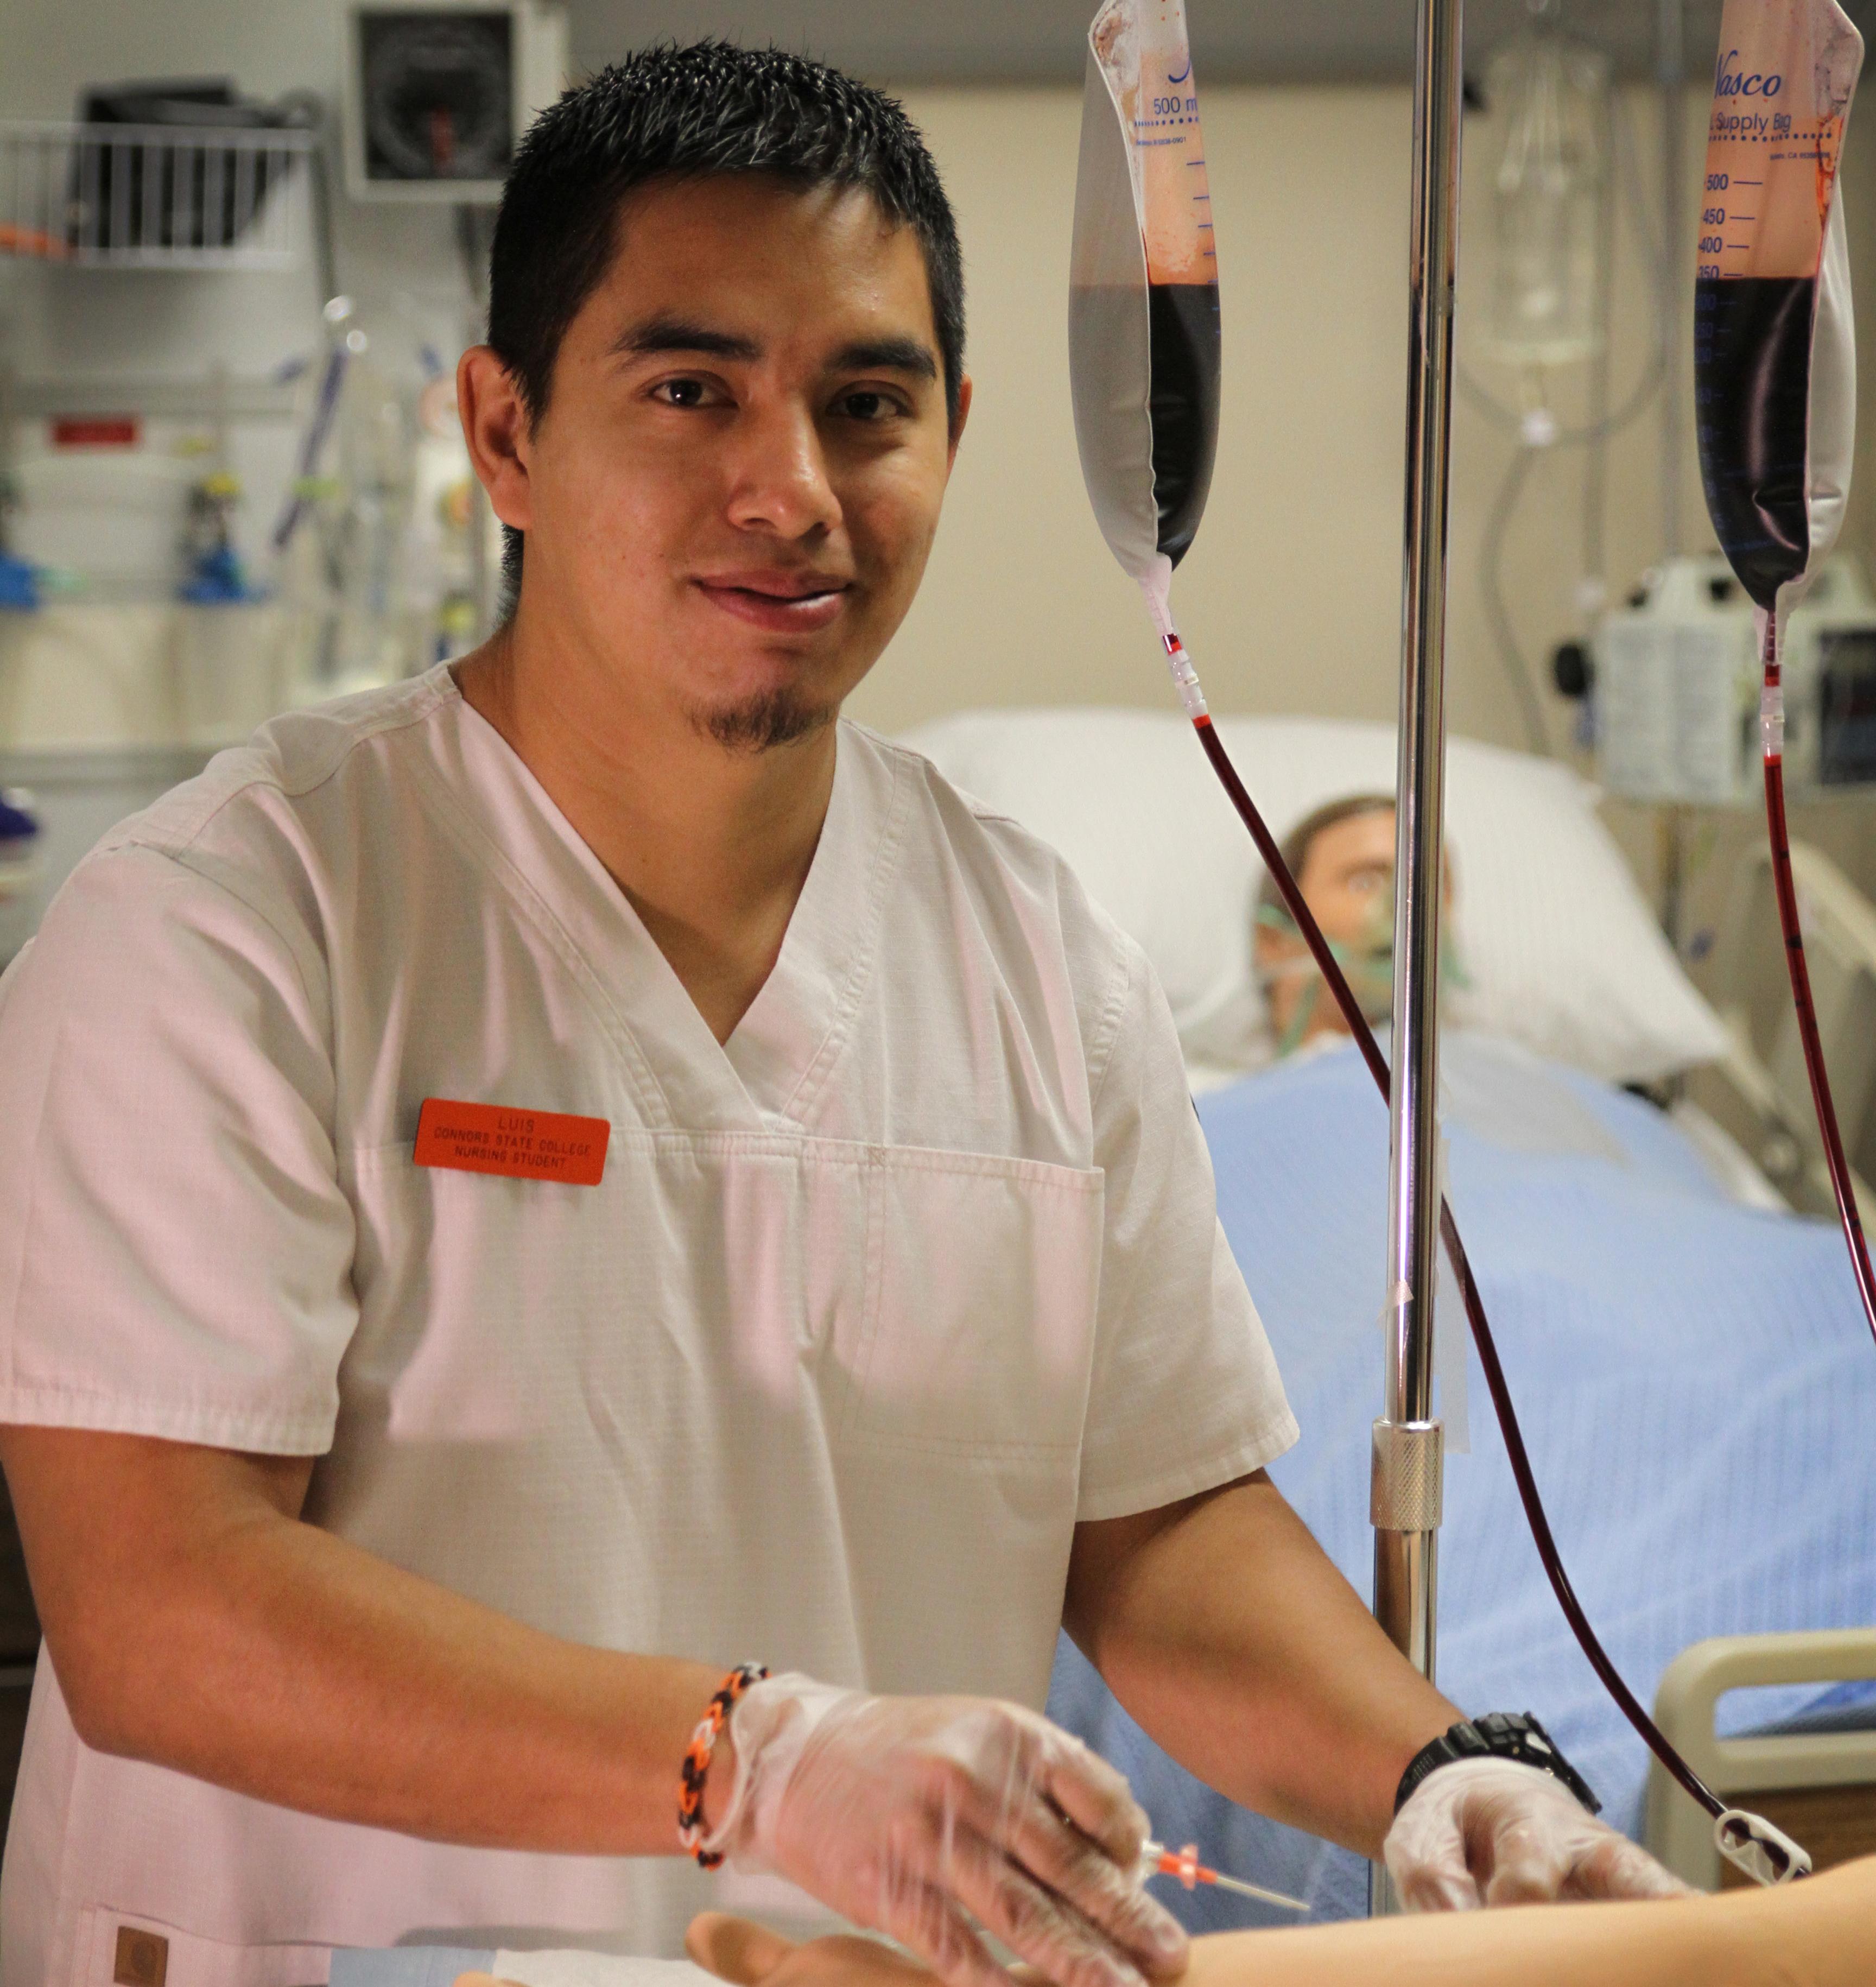 CSC Nurse 1